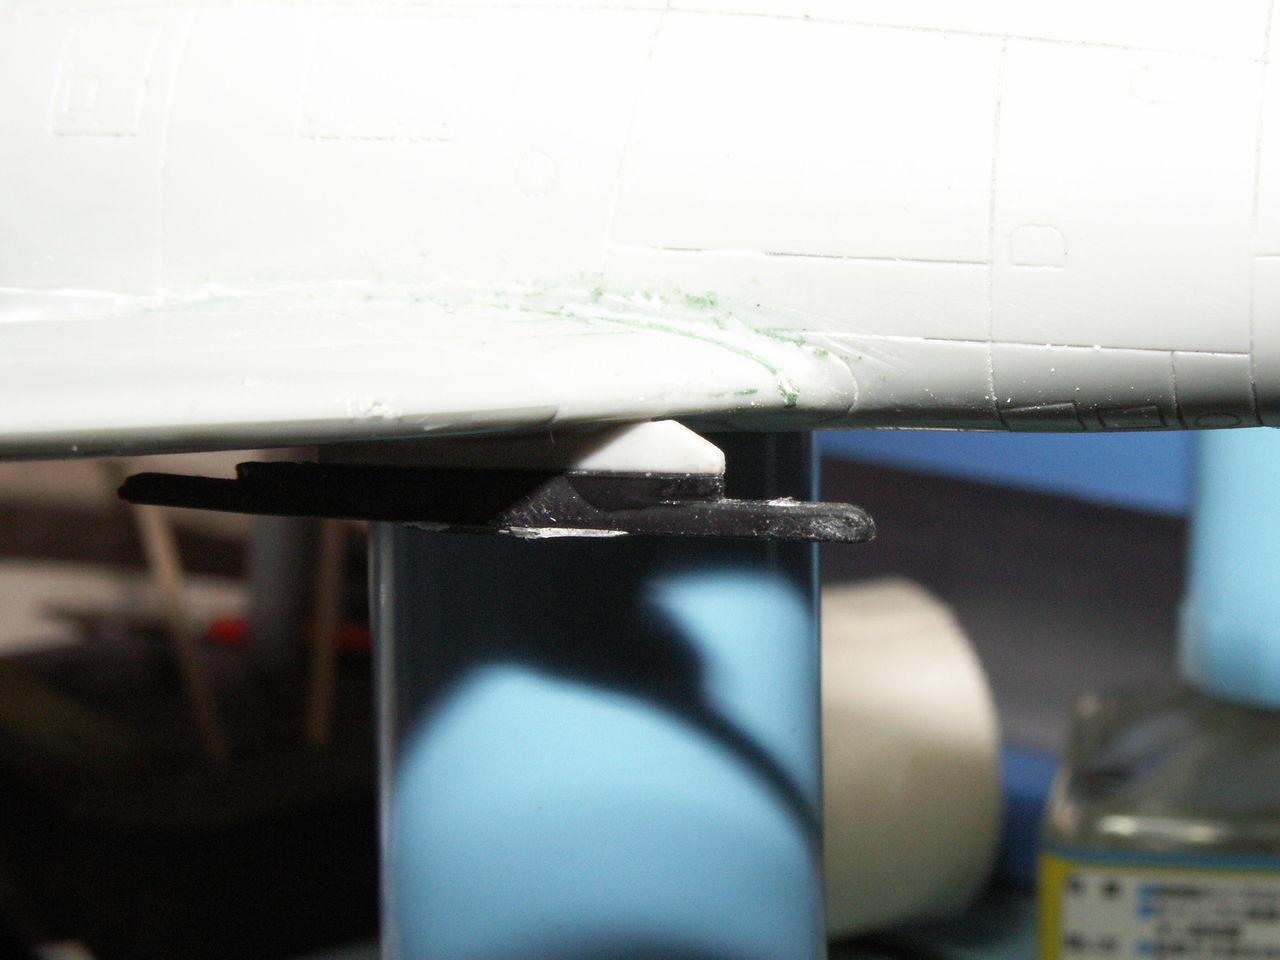 f-86e sabre haf 1/72 PICT1755